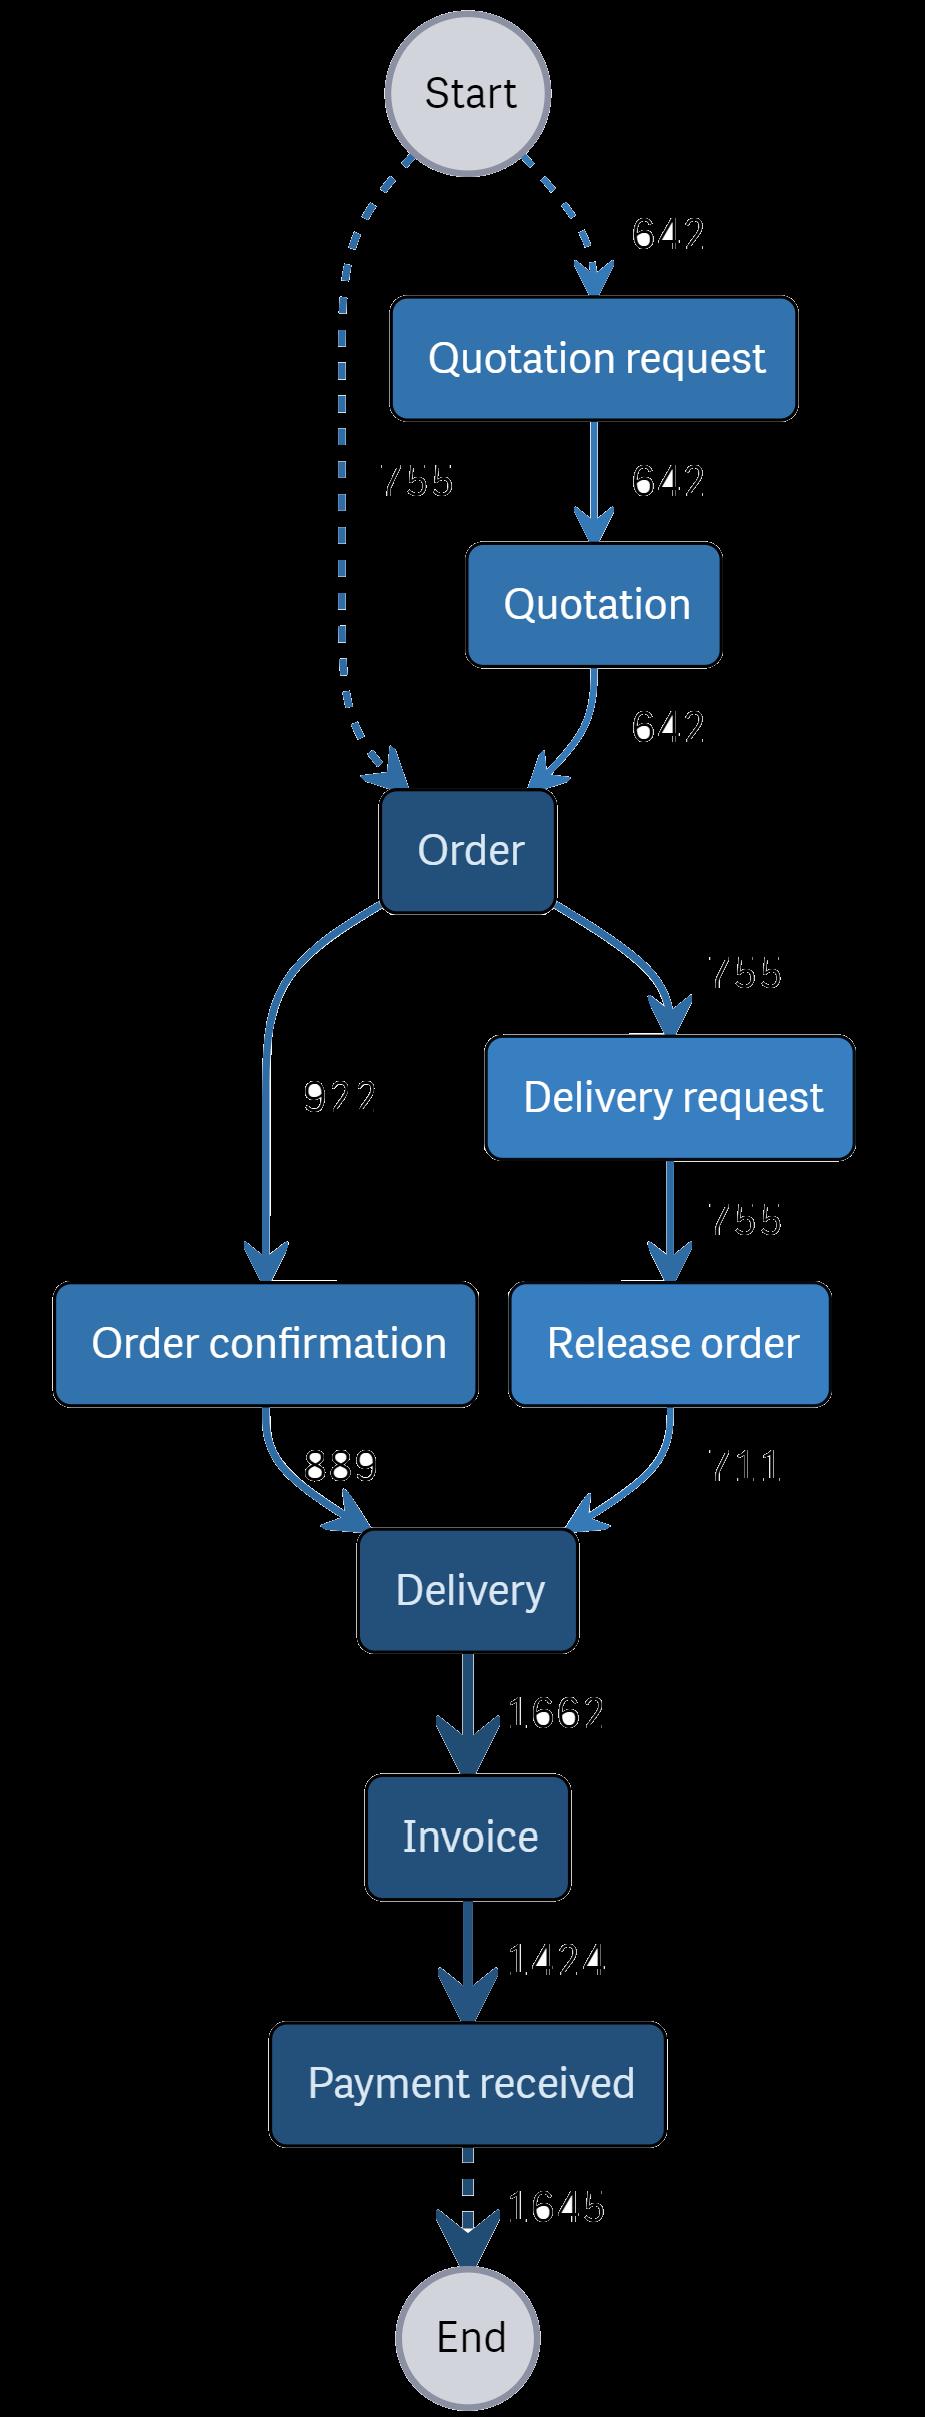 A graph showing a process flow